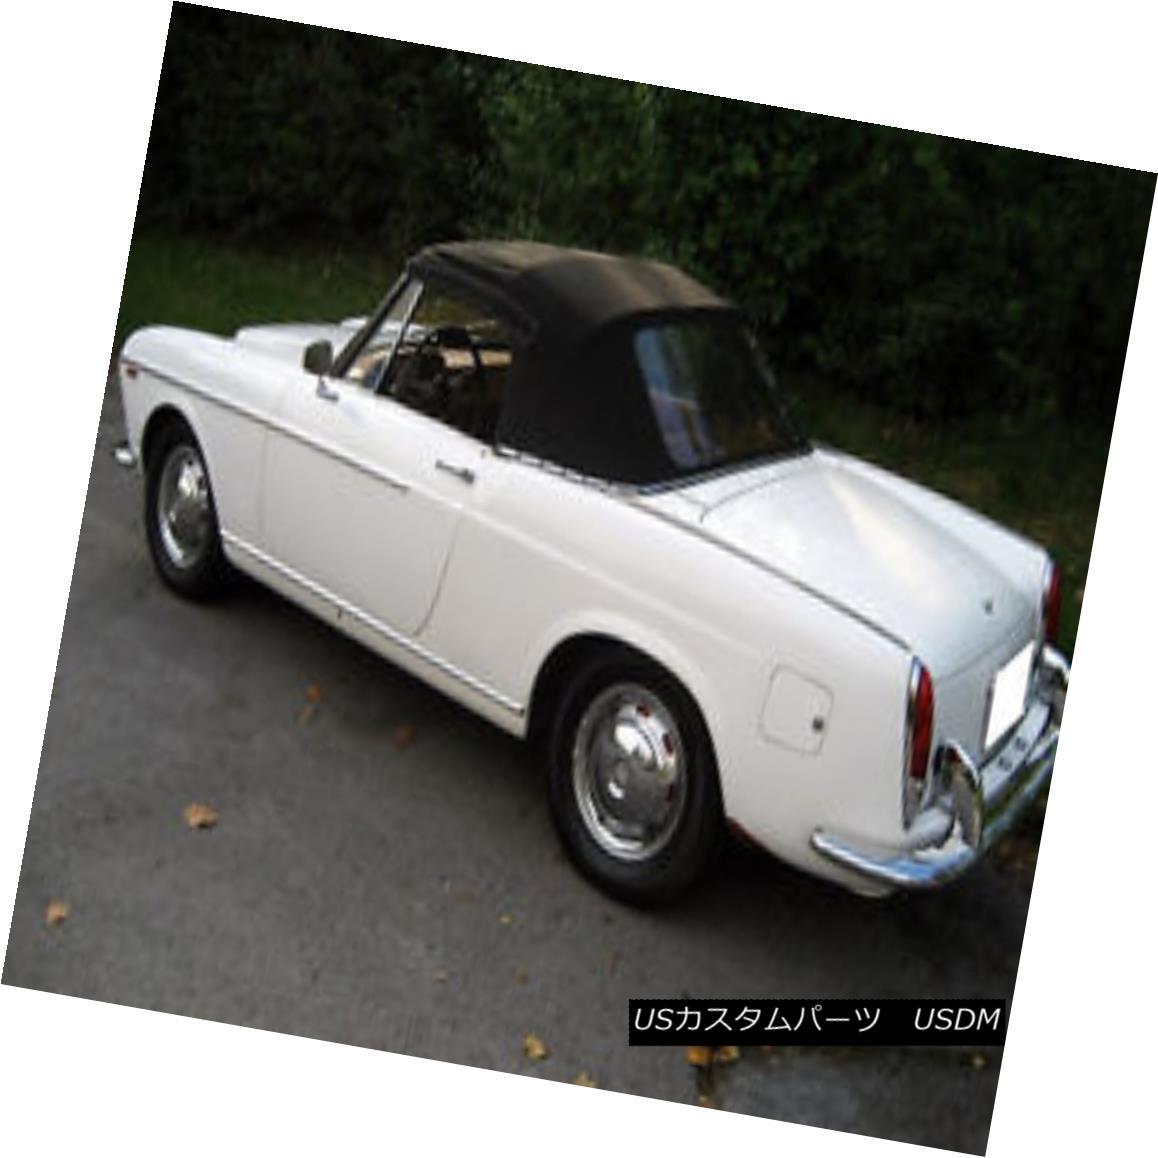 幌・ソフトトップ Fiat 1100 1200 1500 1964-1966 Convertible Soft Top & Plastic Window Black Cloth Fiat 1100 1200 1500 1964-1966コンバーチブルソフトトップ& プラスチック製の窓黒い布